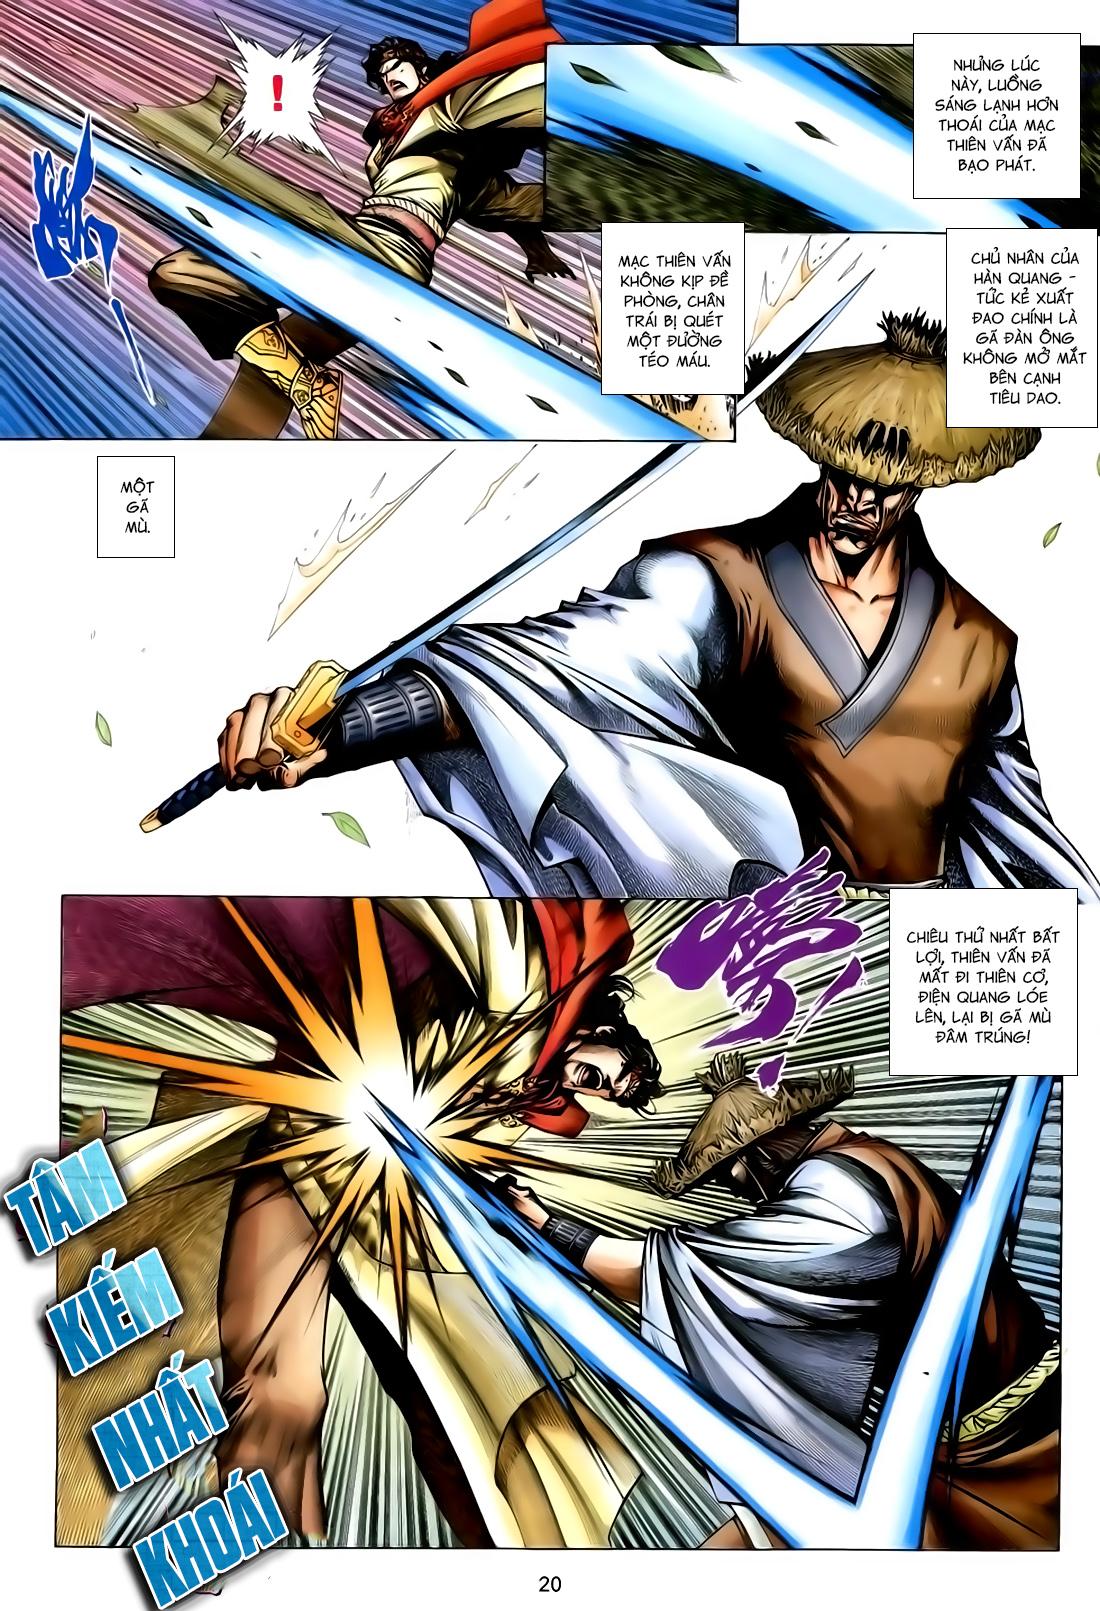 Anh Hùng Vô Lệ Chap 167 - Trang 20